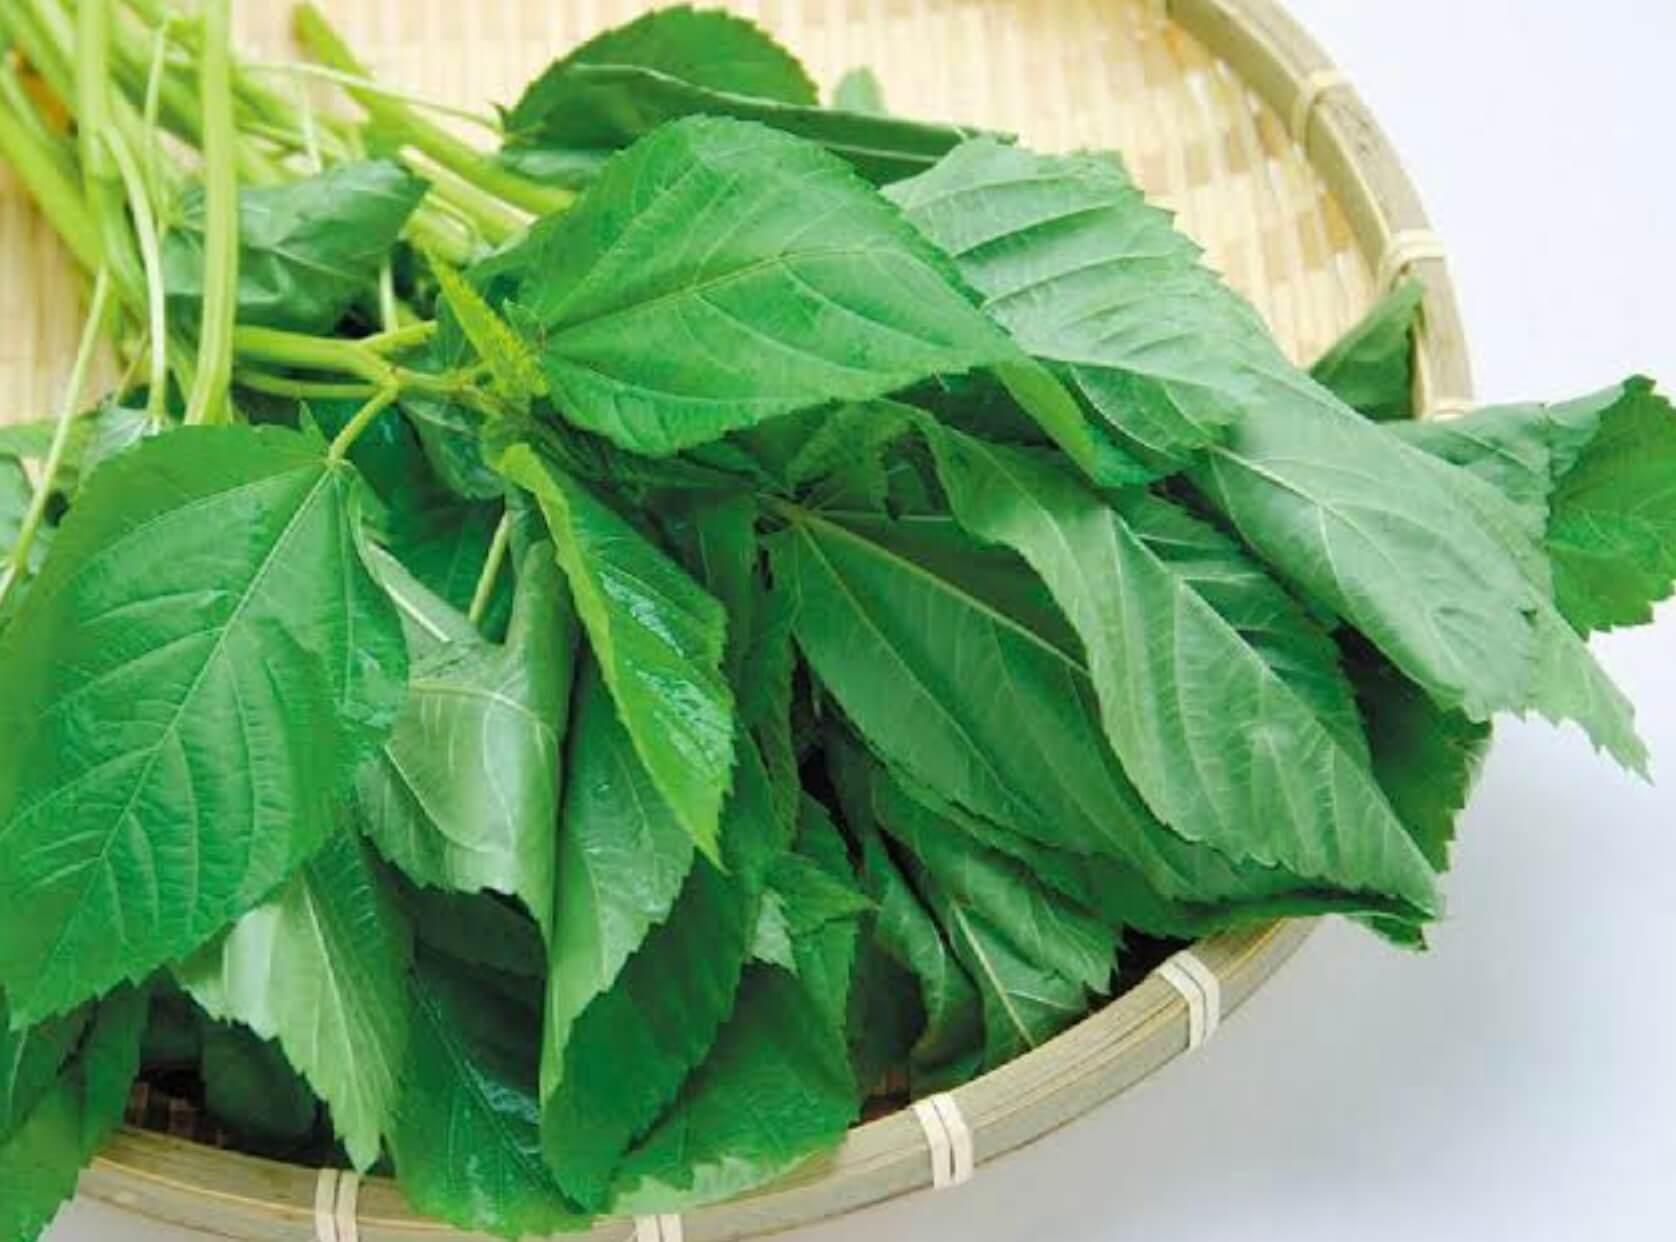 野菜の紹介です【ビーツ】|野菜がおいしいごはん|愛知県安城市 暮らしのお店野菜の紹介です【モロヘイヤ】